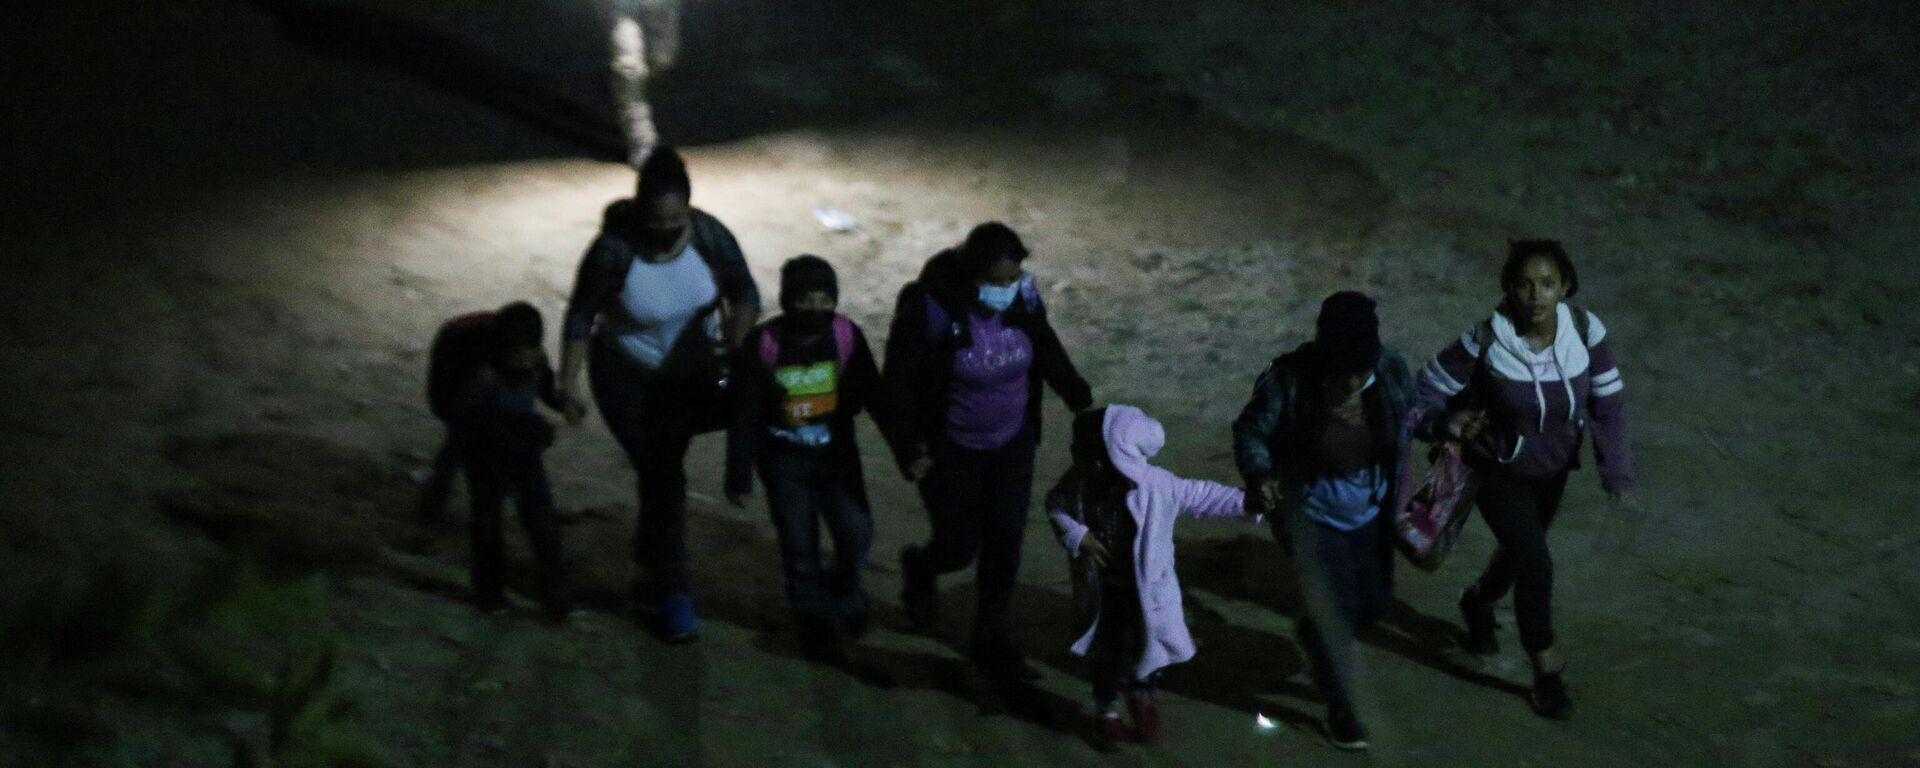 Una familia de migrantes intenta llegar a EEUU - Sputnik Mundo, 1920, 03.04.2021